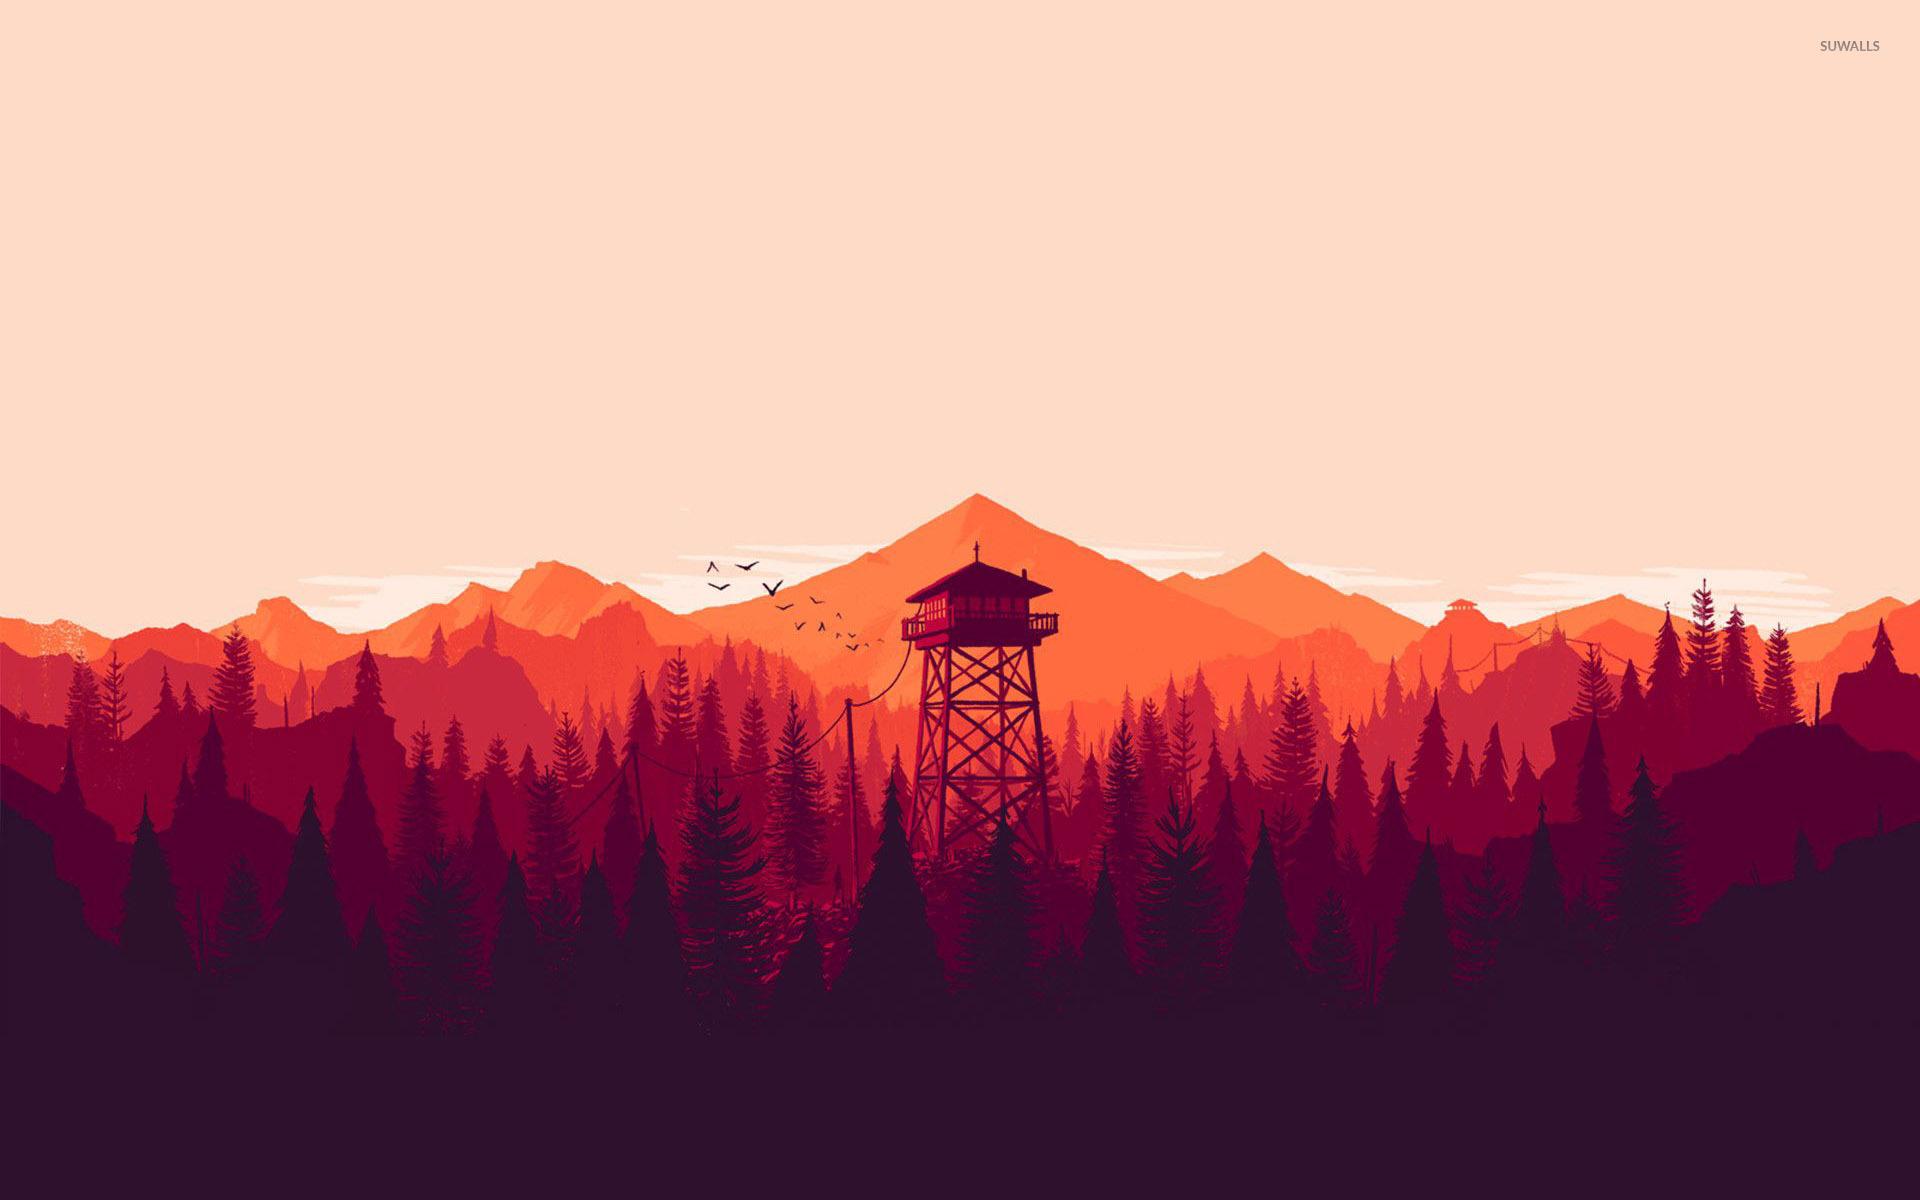 best vector wallpaper examples for your desktop